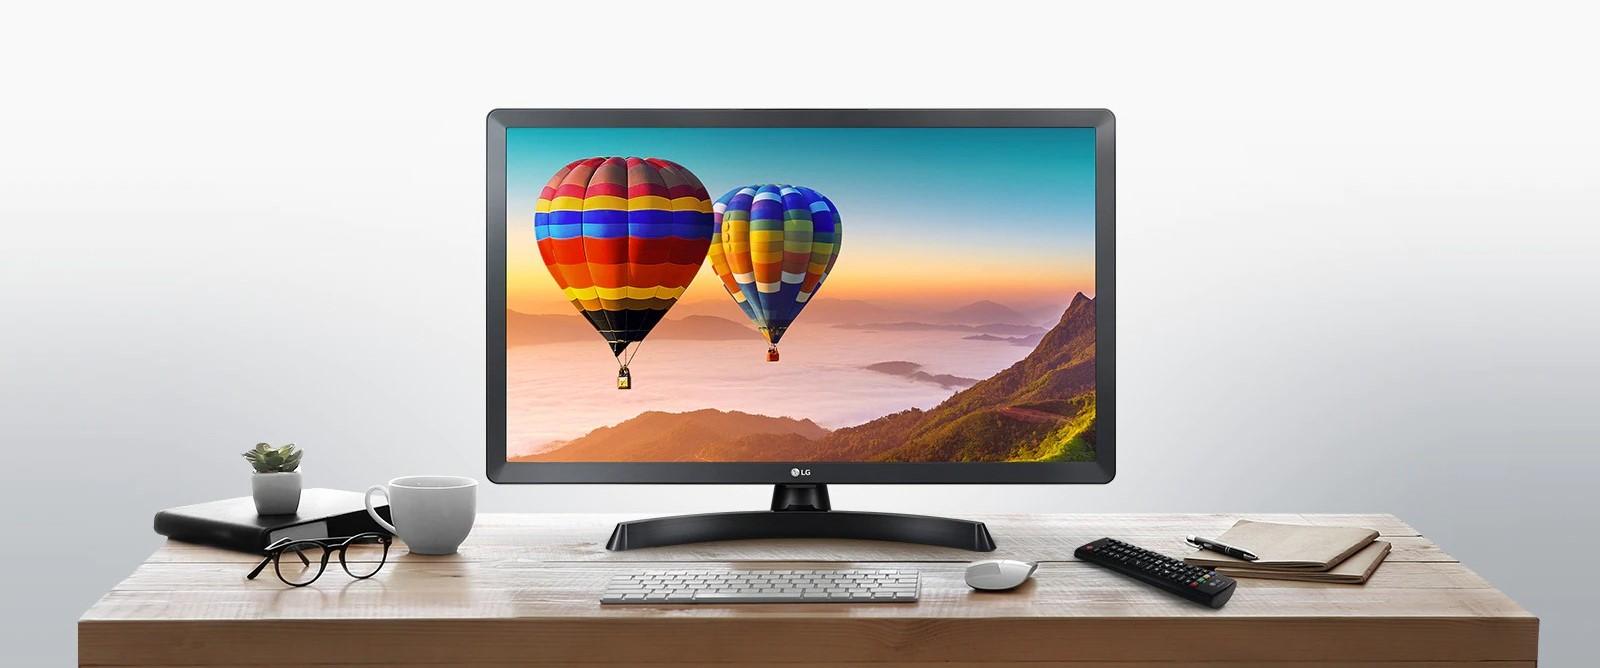 LG LED TV Monitor